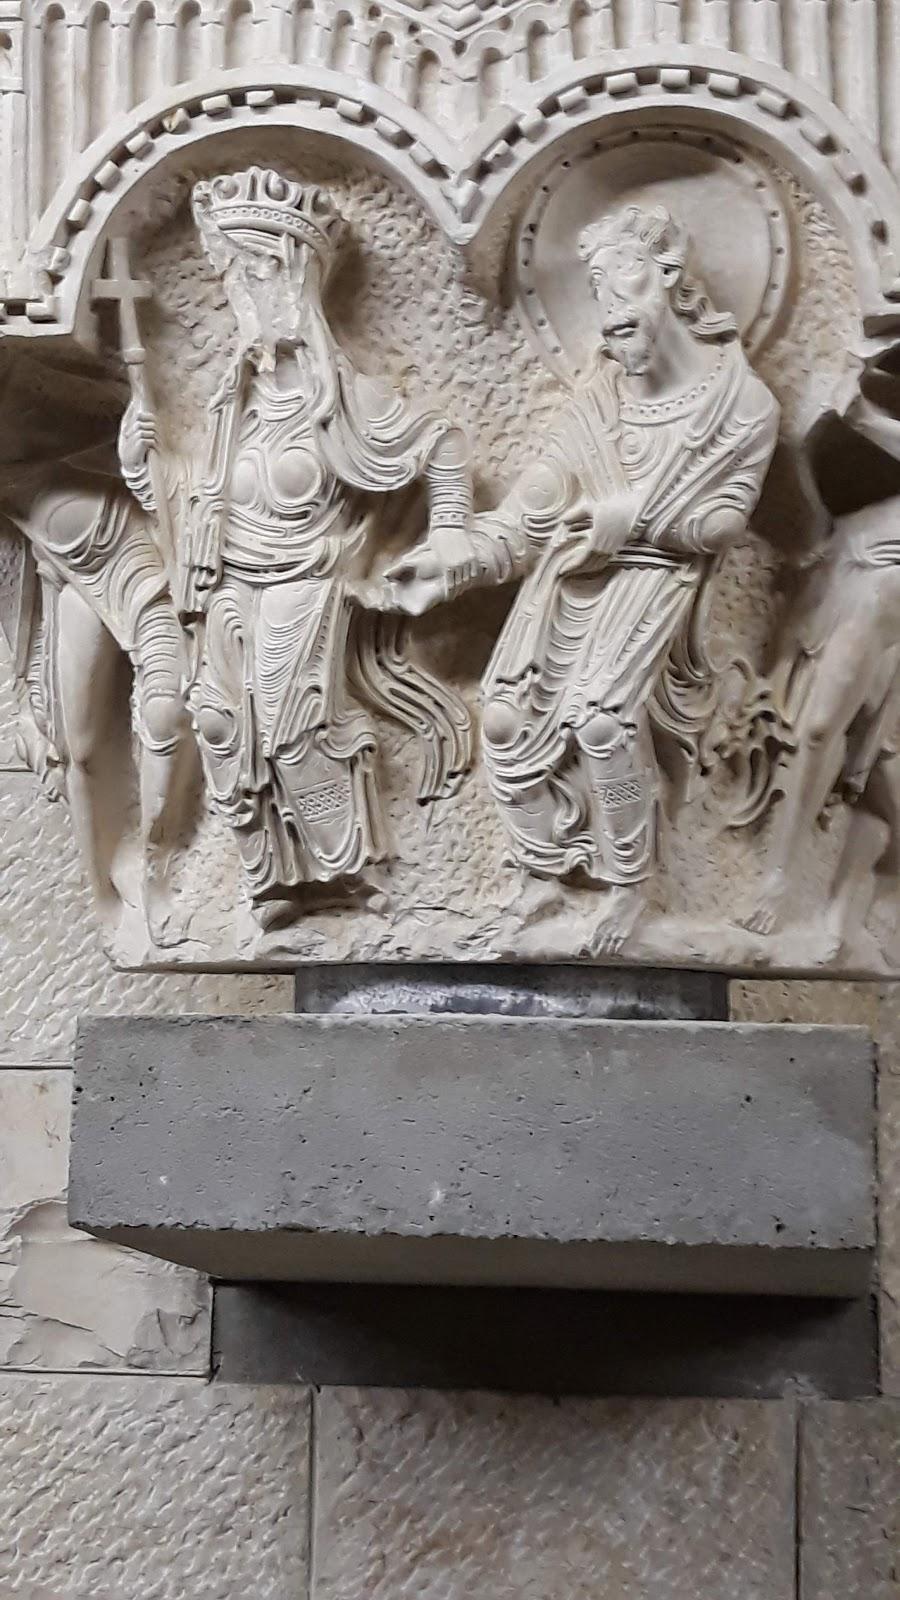 Nazaret, muzeum archeologiczne, kapitel, XII wiek,